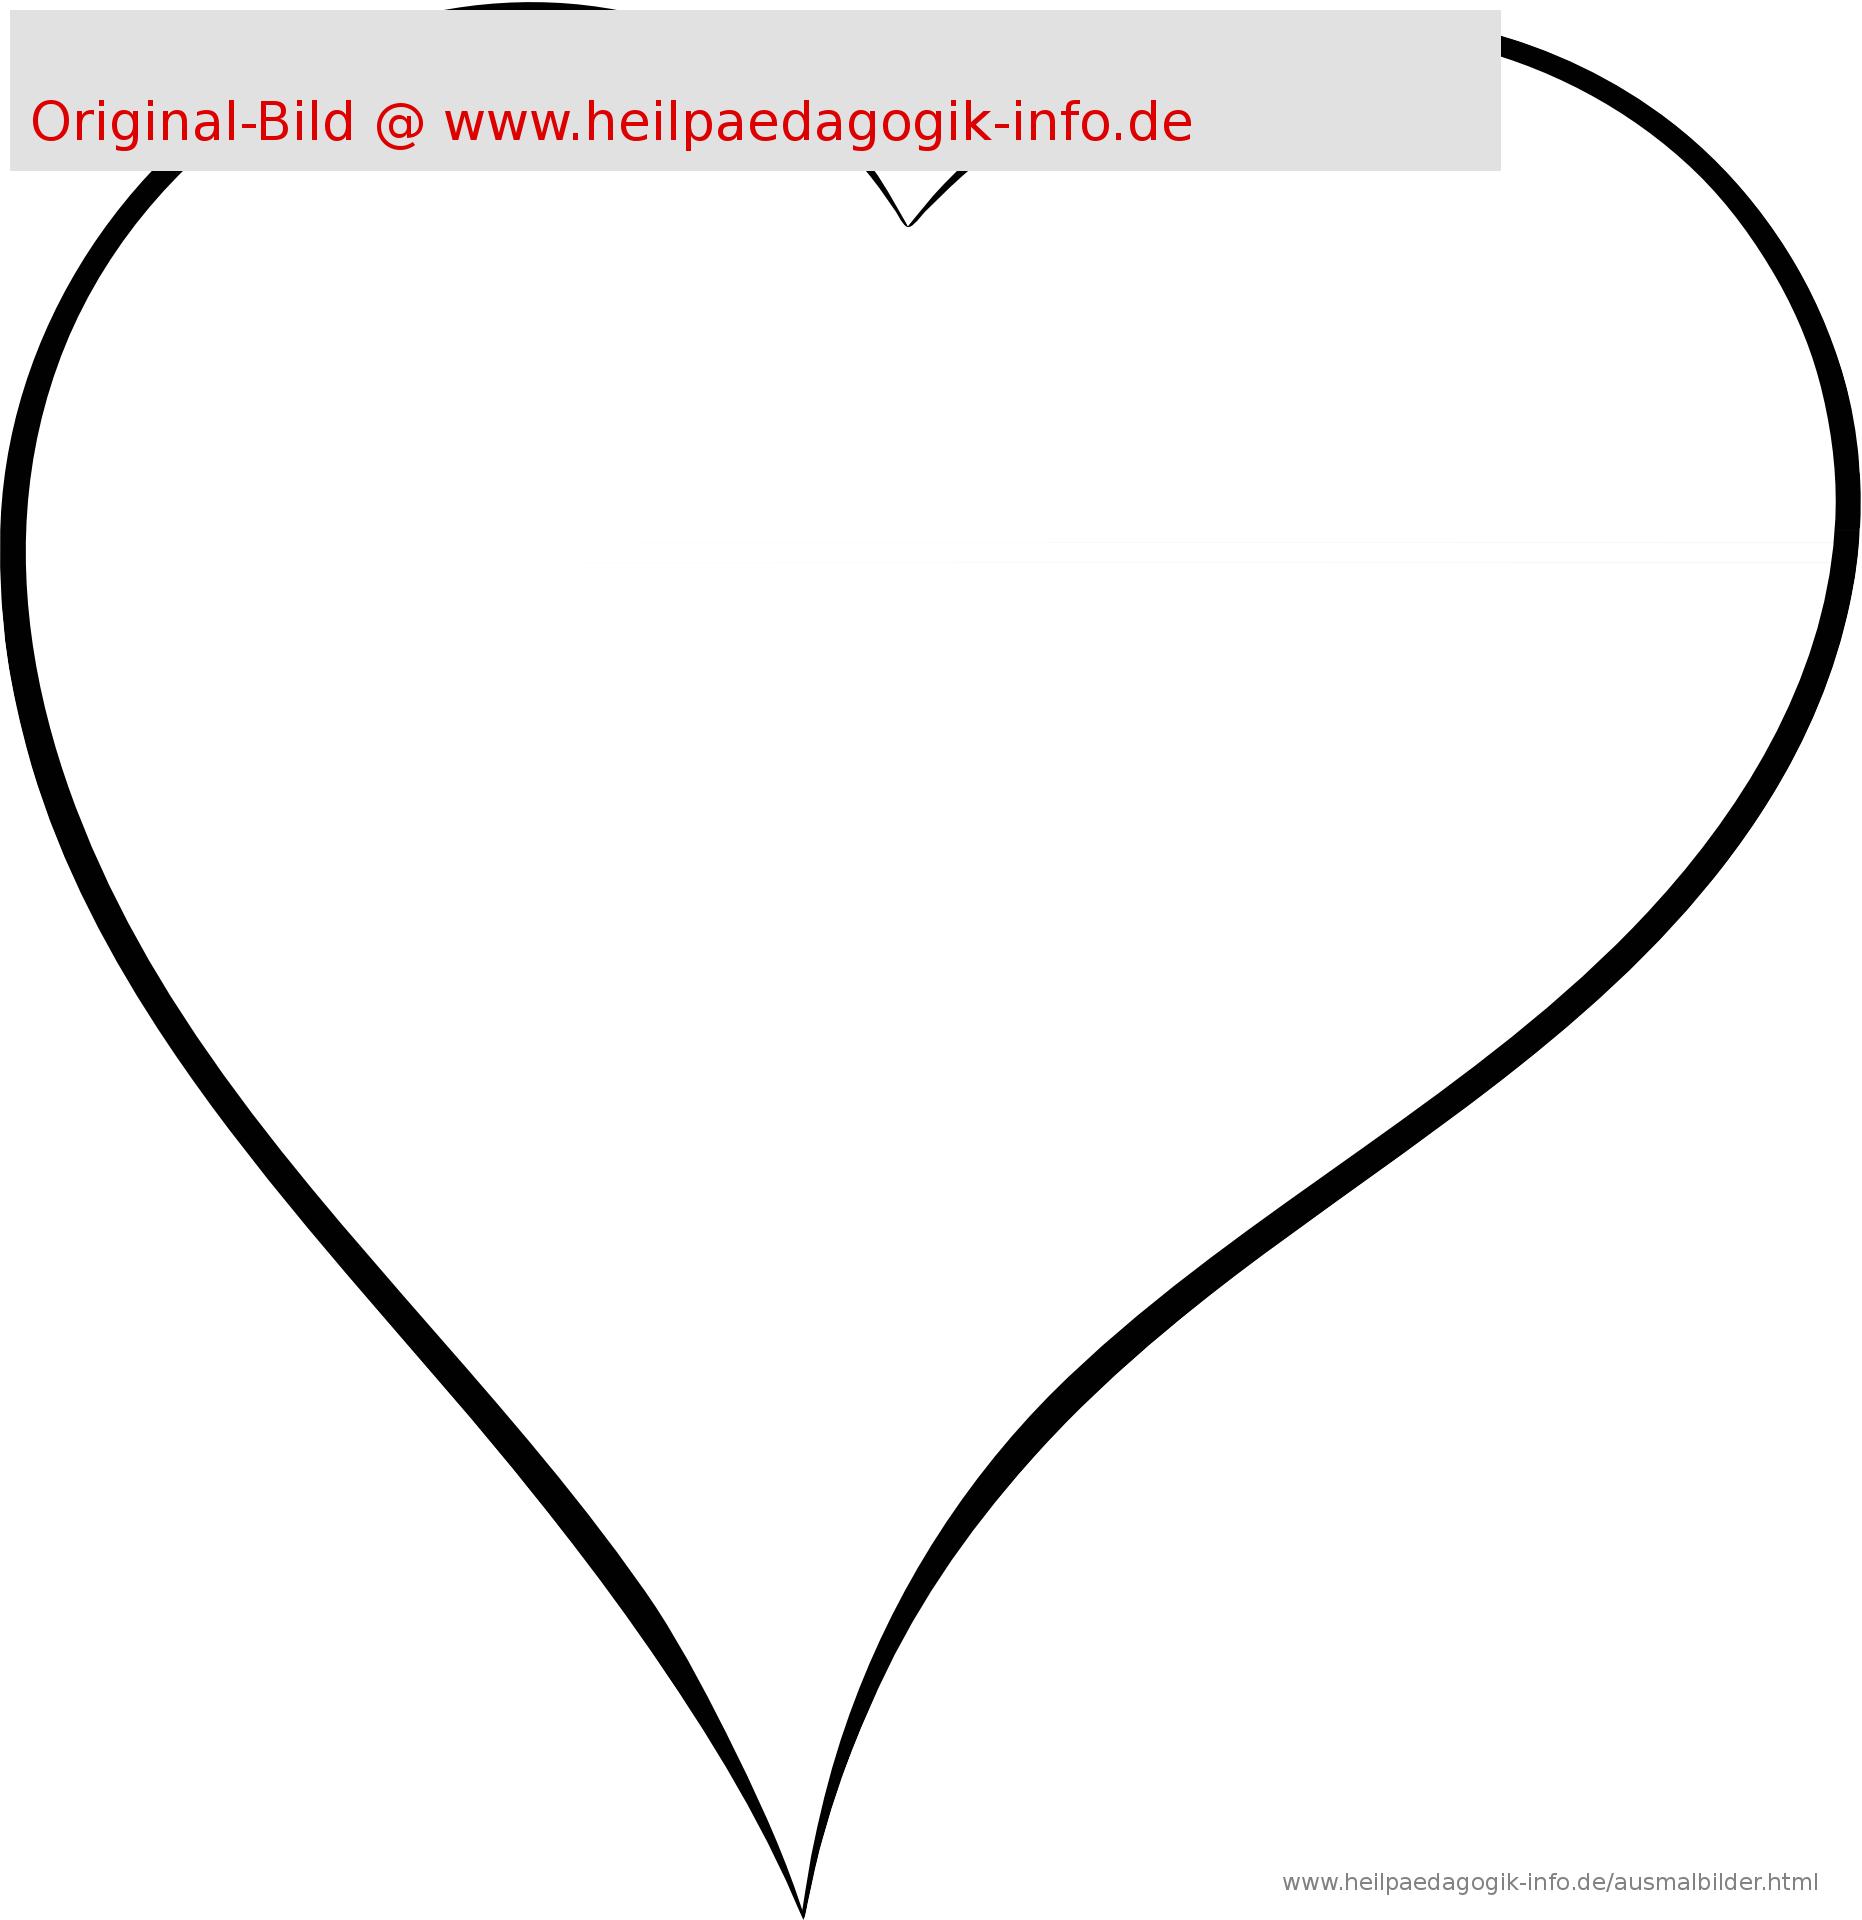 Malvorlagen Herz Kostenlos Ausdrucken | Coloring And Malvorlagan verwandt mit Malvorlage Herz